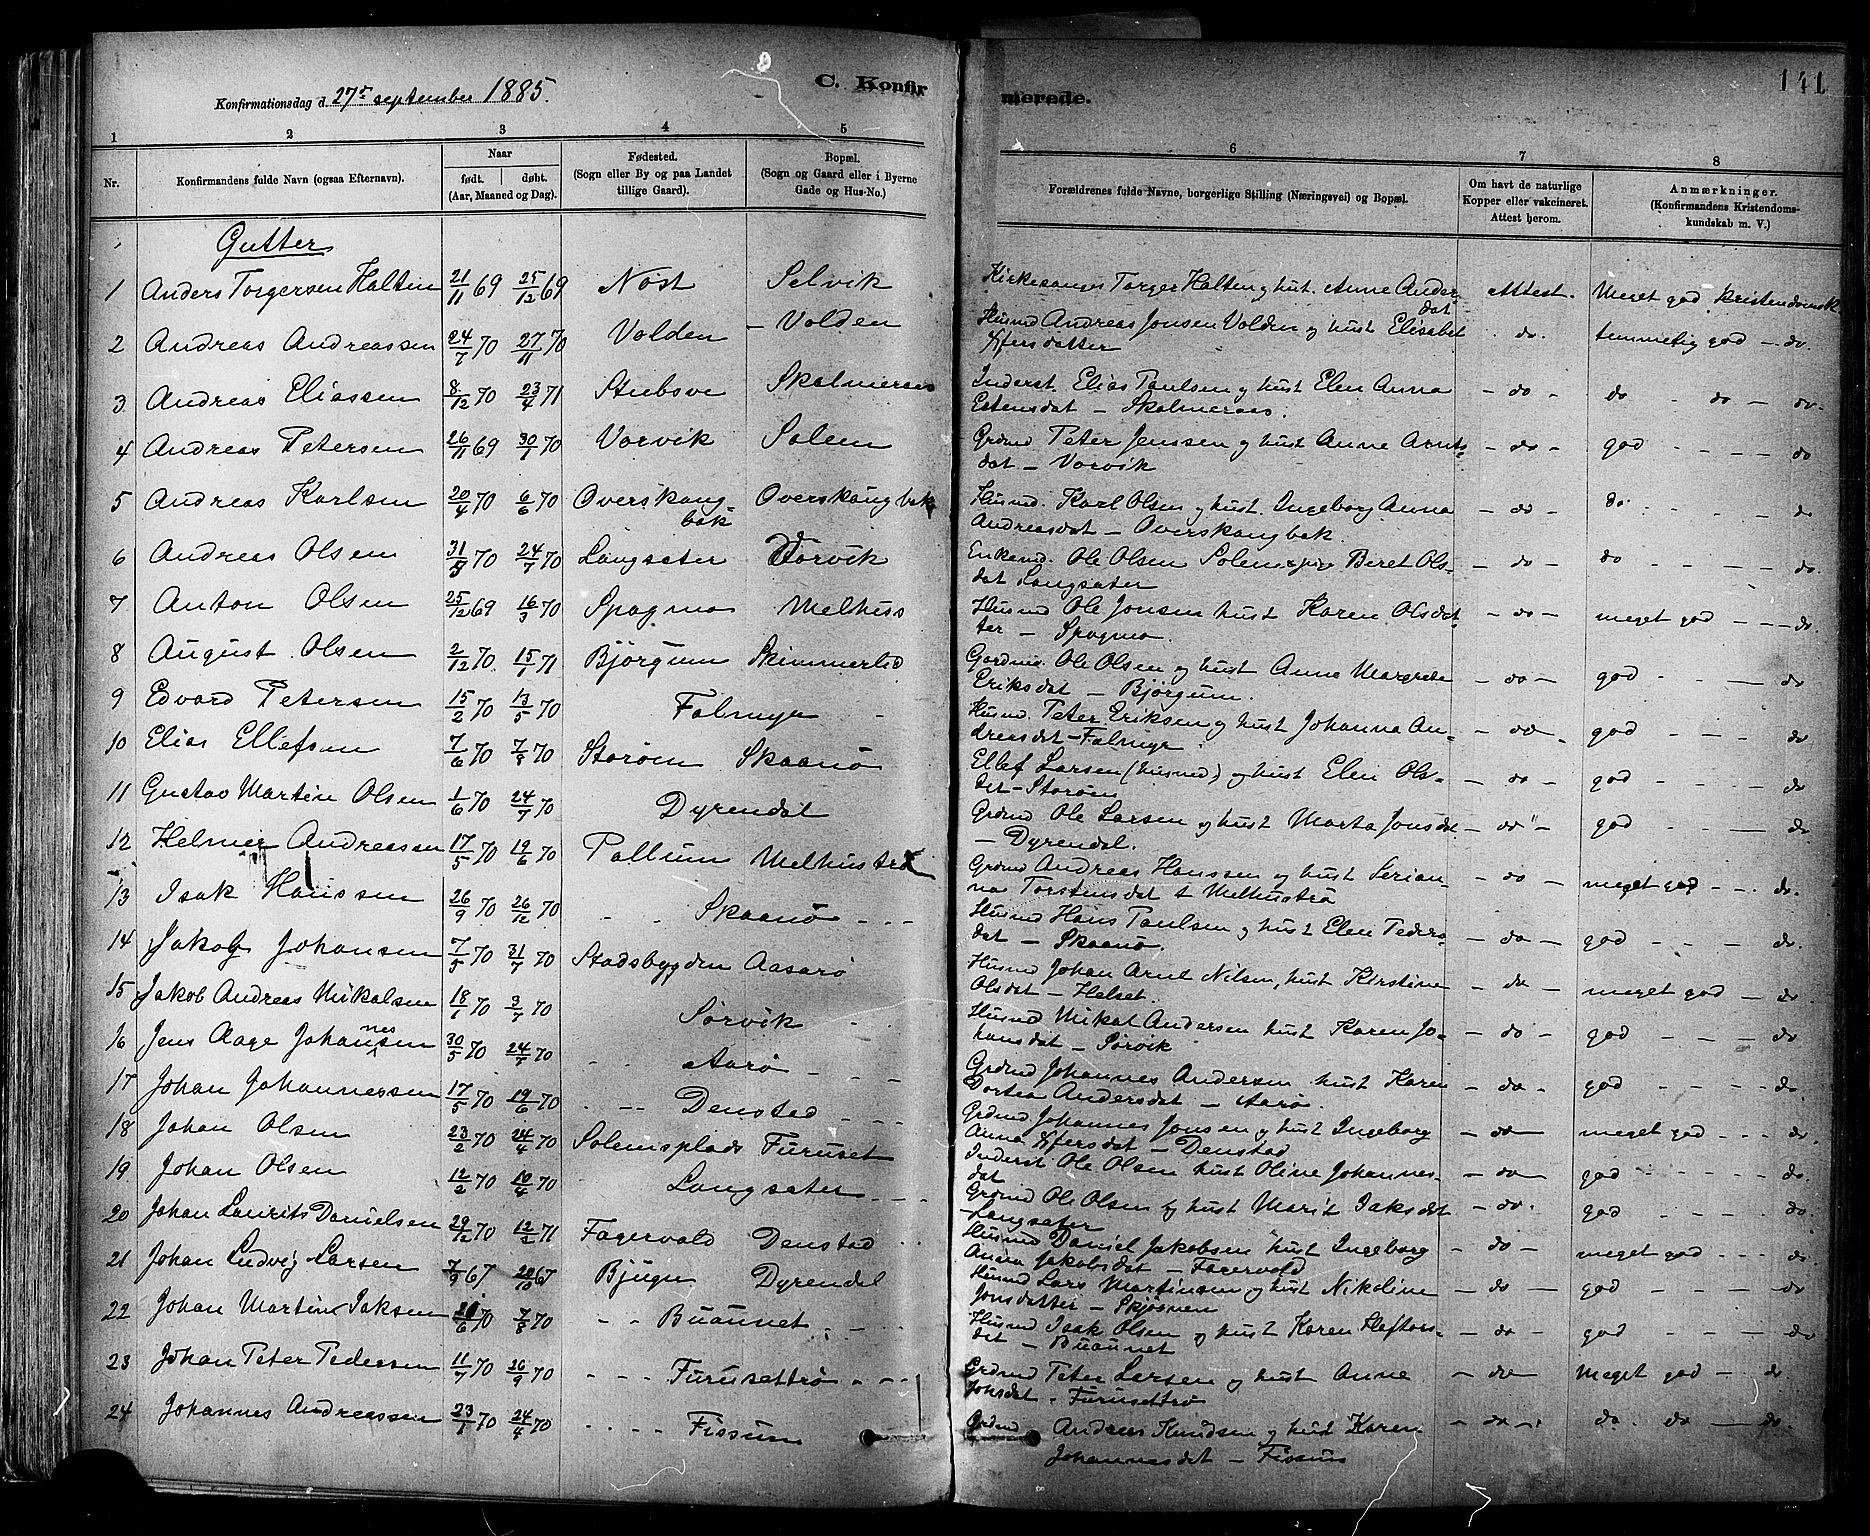 SAT, Ministerialprotokoller, klokkerbøker og fødselsregistre - Sør-Trøndelag, 647/L0634: Ministerialbok nr. 647A01, 1885-1896, s. 141